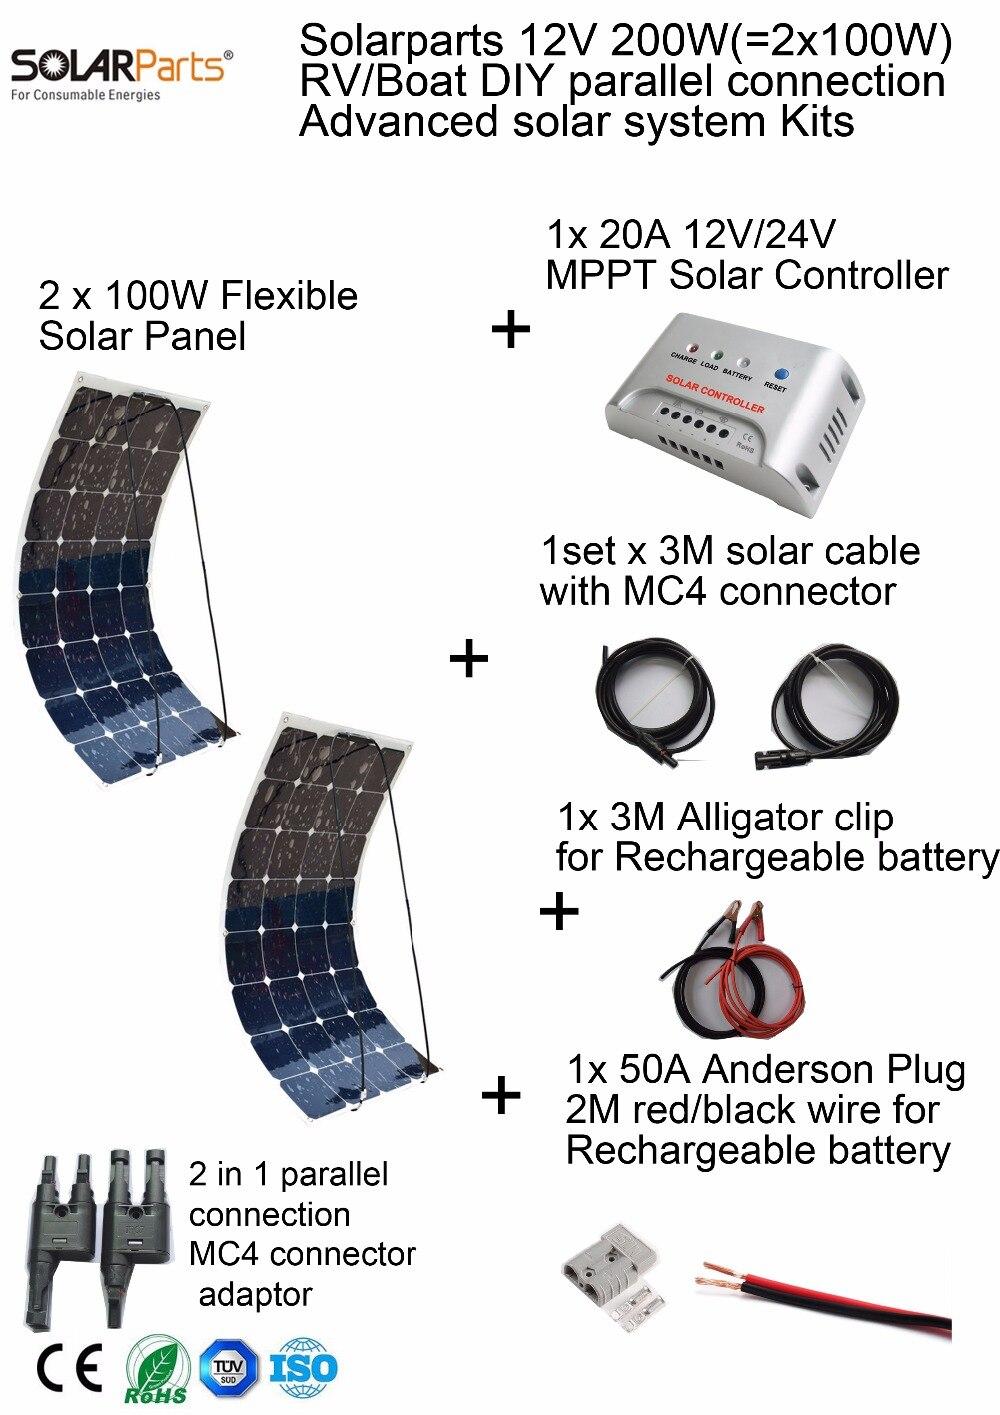 Solarparts 200 W DIY RV/Marine Kit Sistema Solare 2x100 W flessibile pannello solare 12 V, 1x 20A MPPT regolatore solare set cavi a buon mercato.